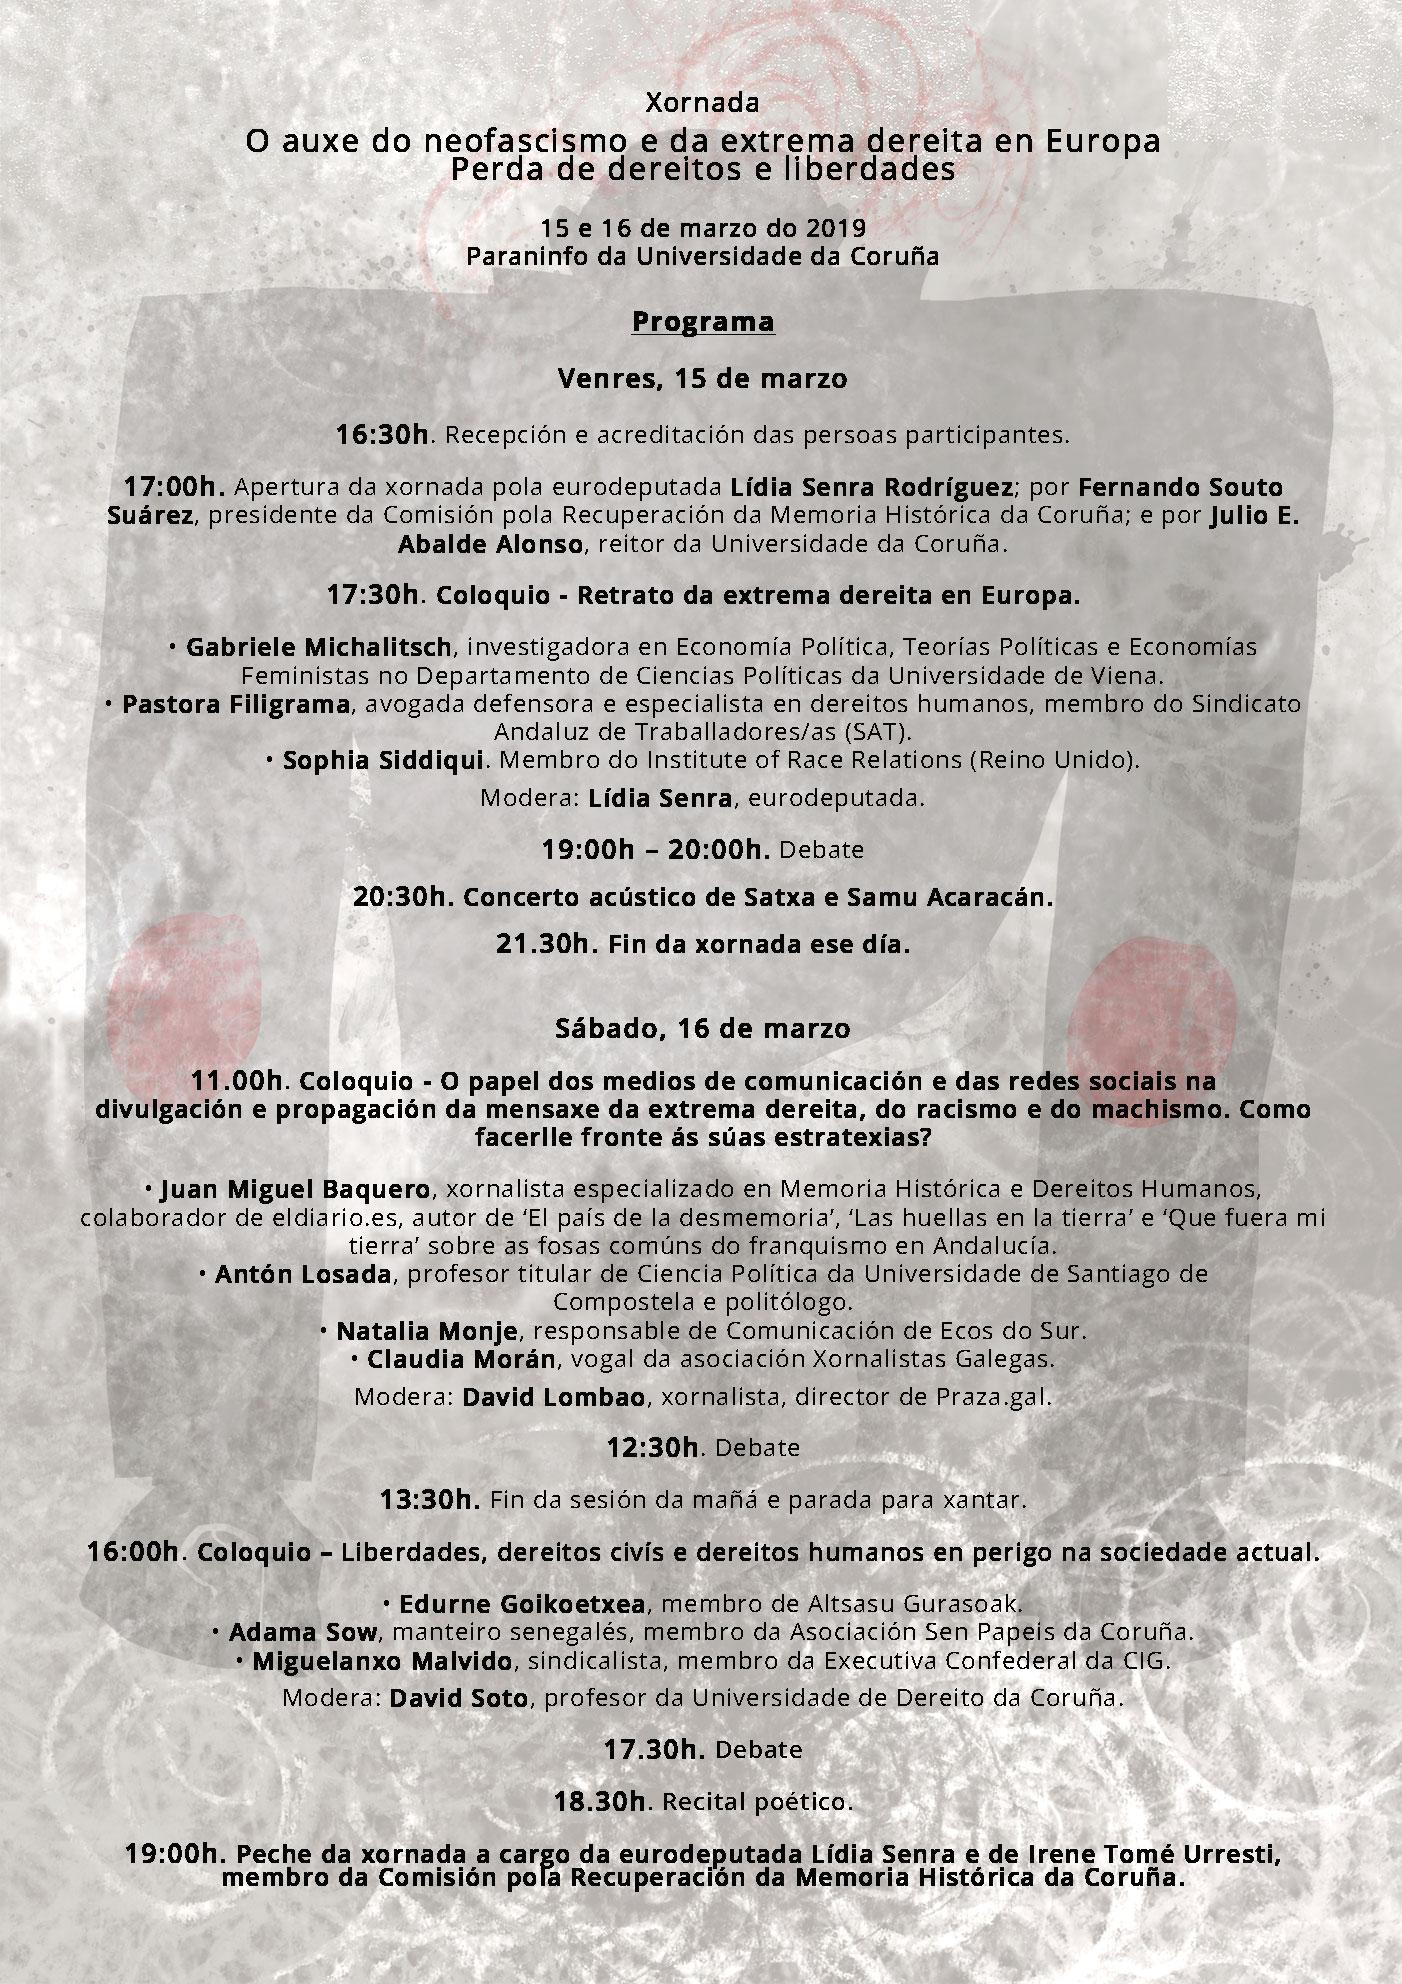 Programa Xornada O AUXE DO NEOFASCISMO 150319 Coruña